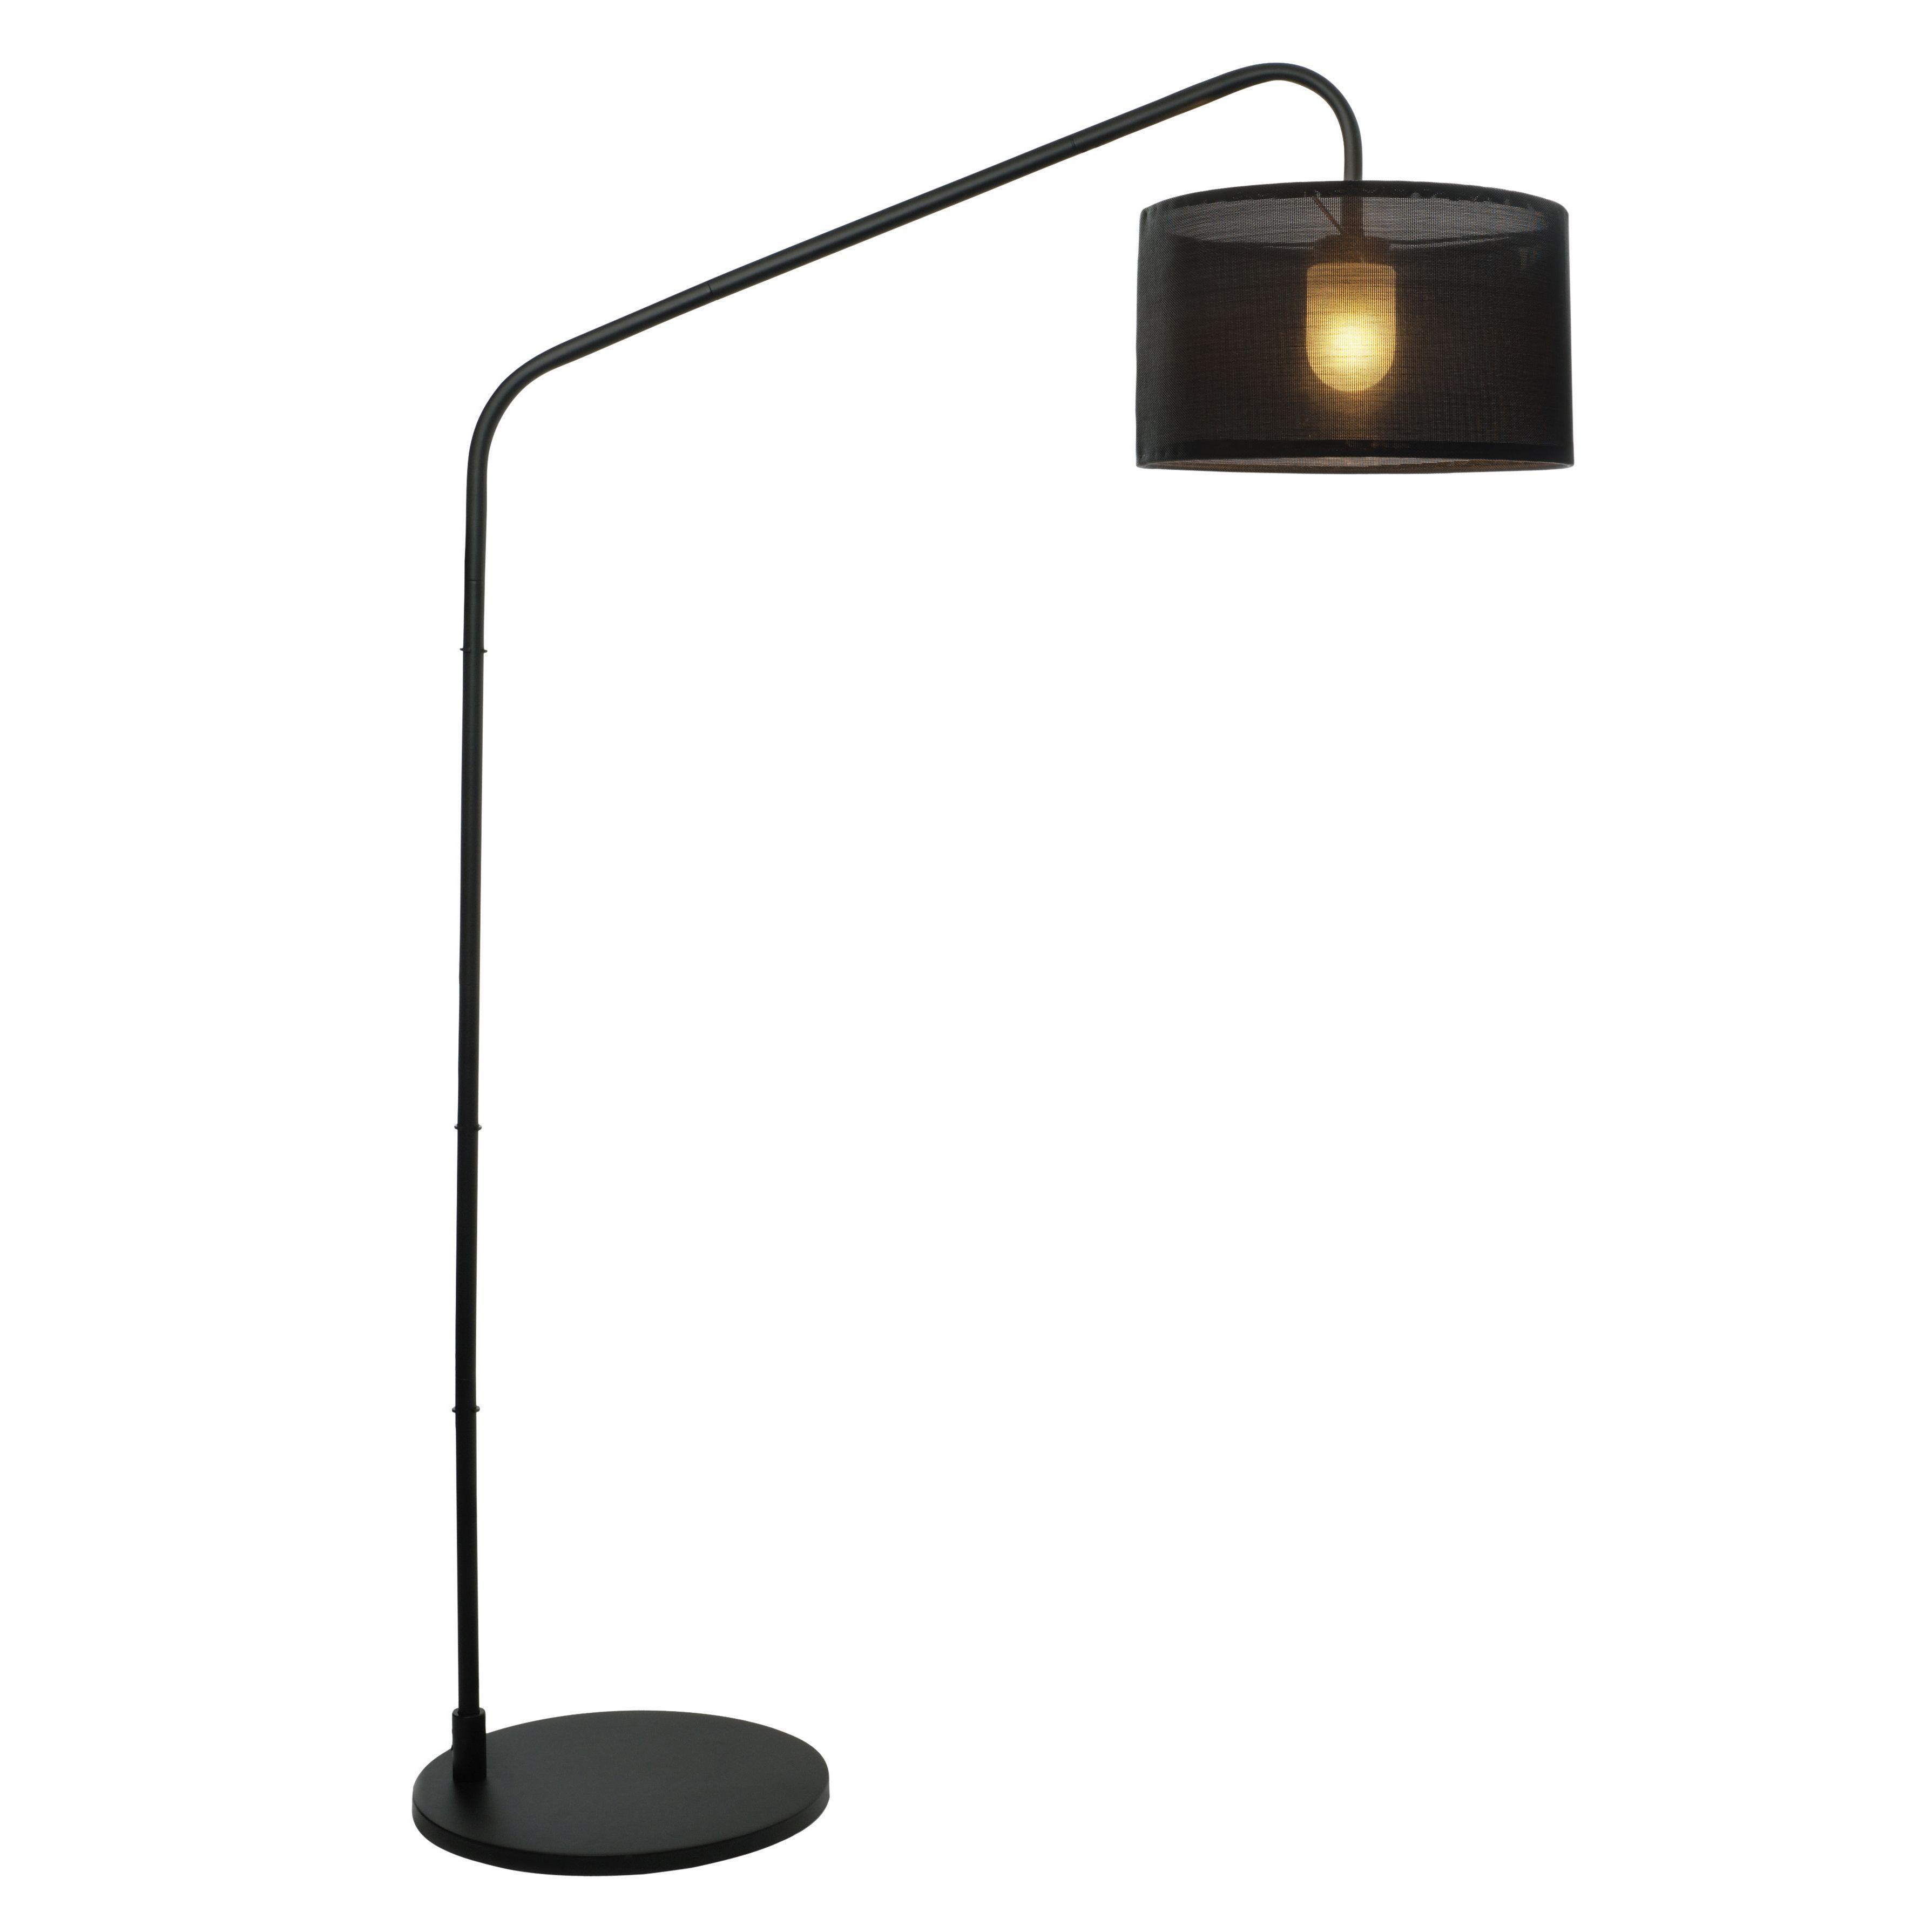 Outdoor floor lamp - Aporia Black Outdoor Floor Lamp